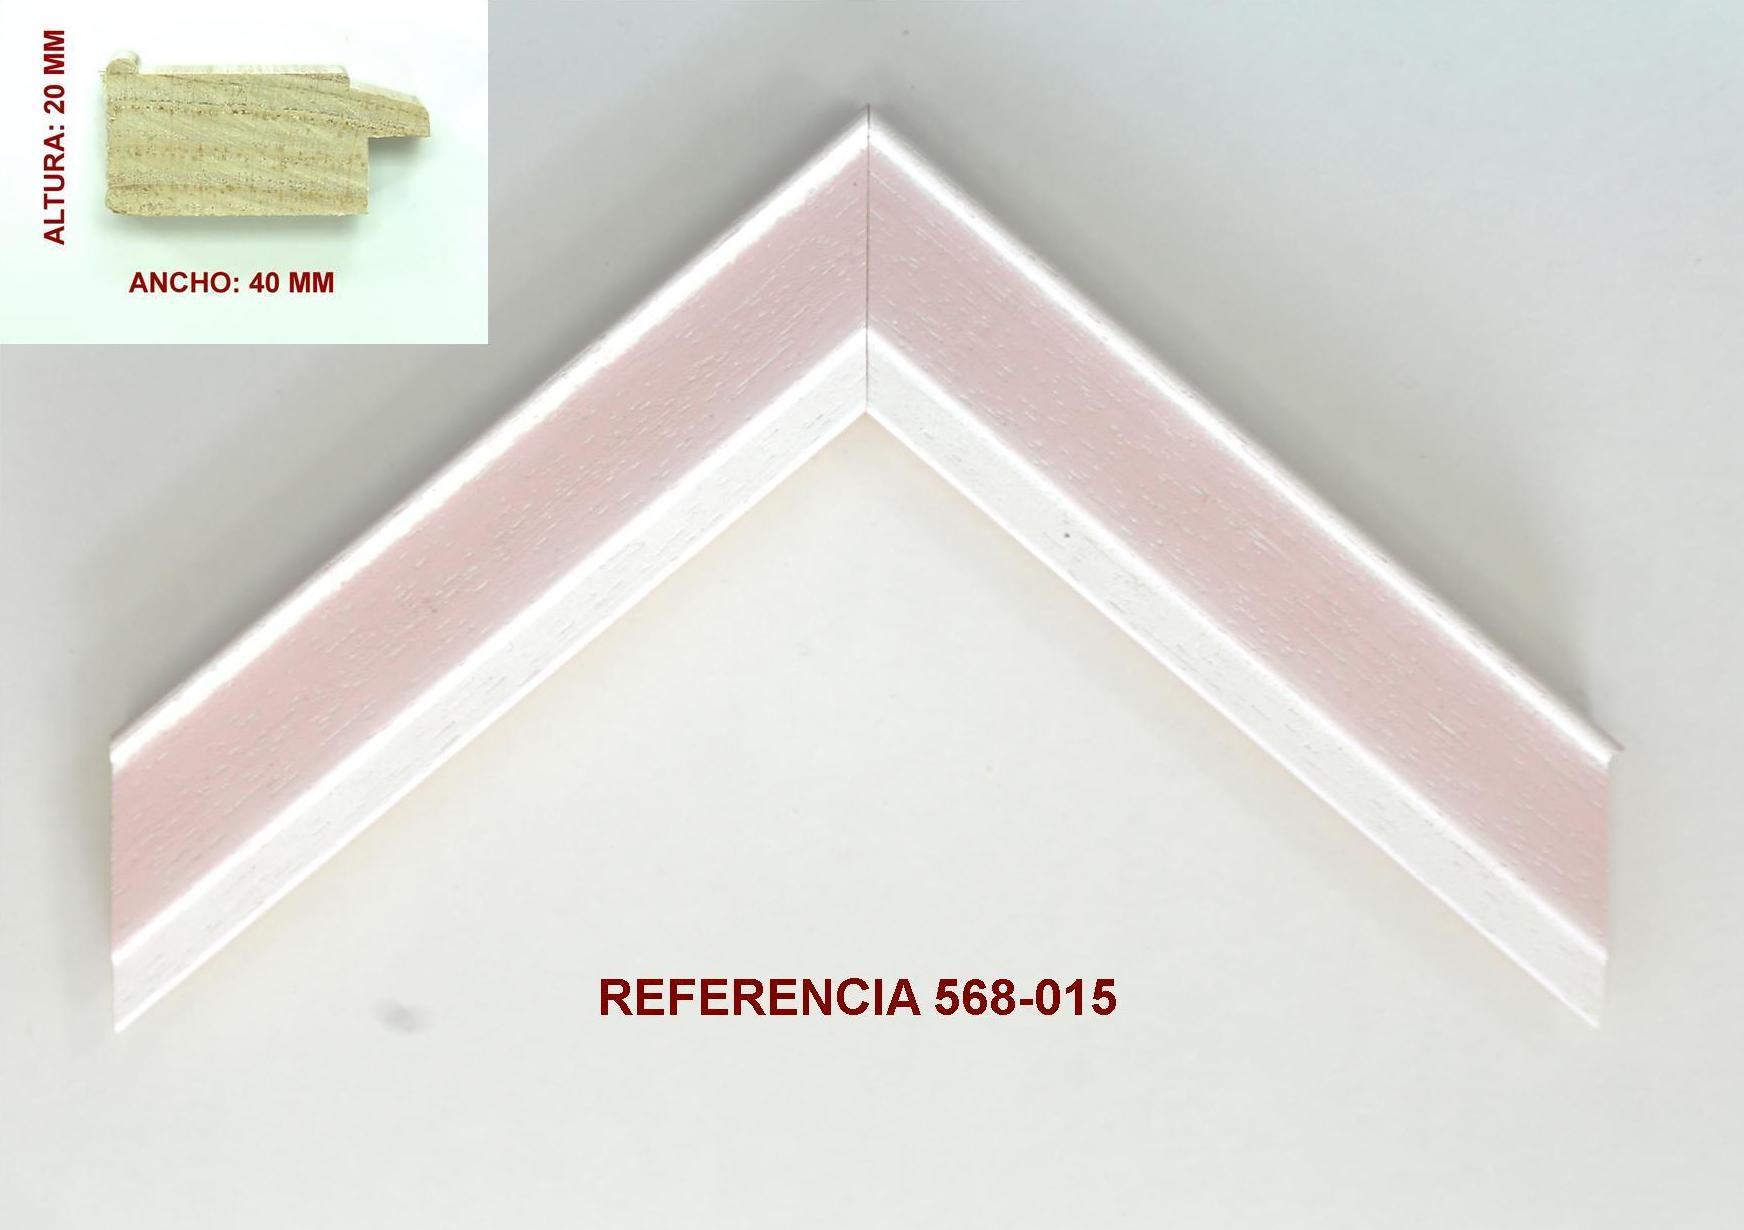 REF 568-015: Muestrario de Moldusevilla